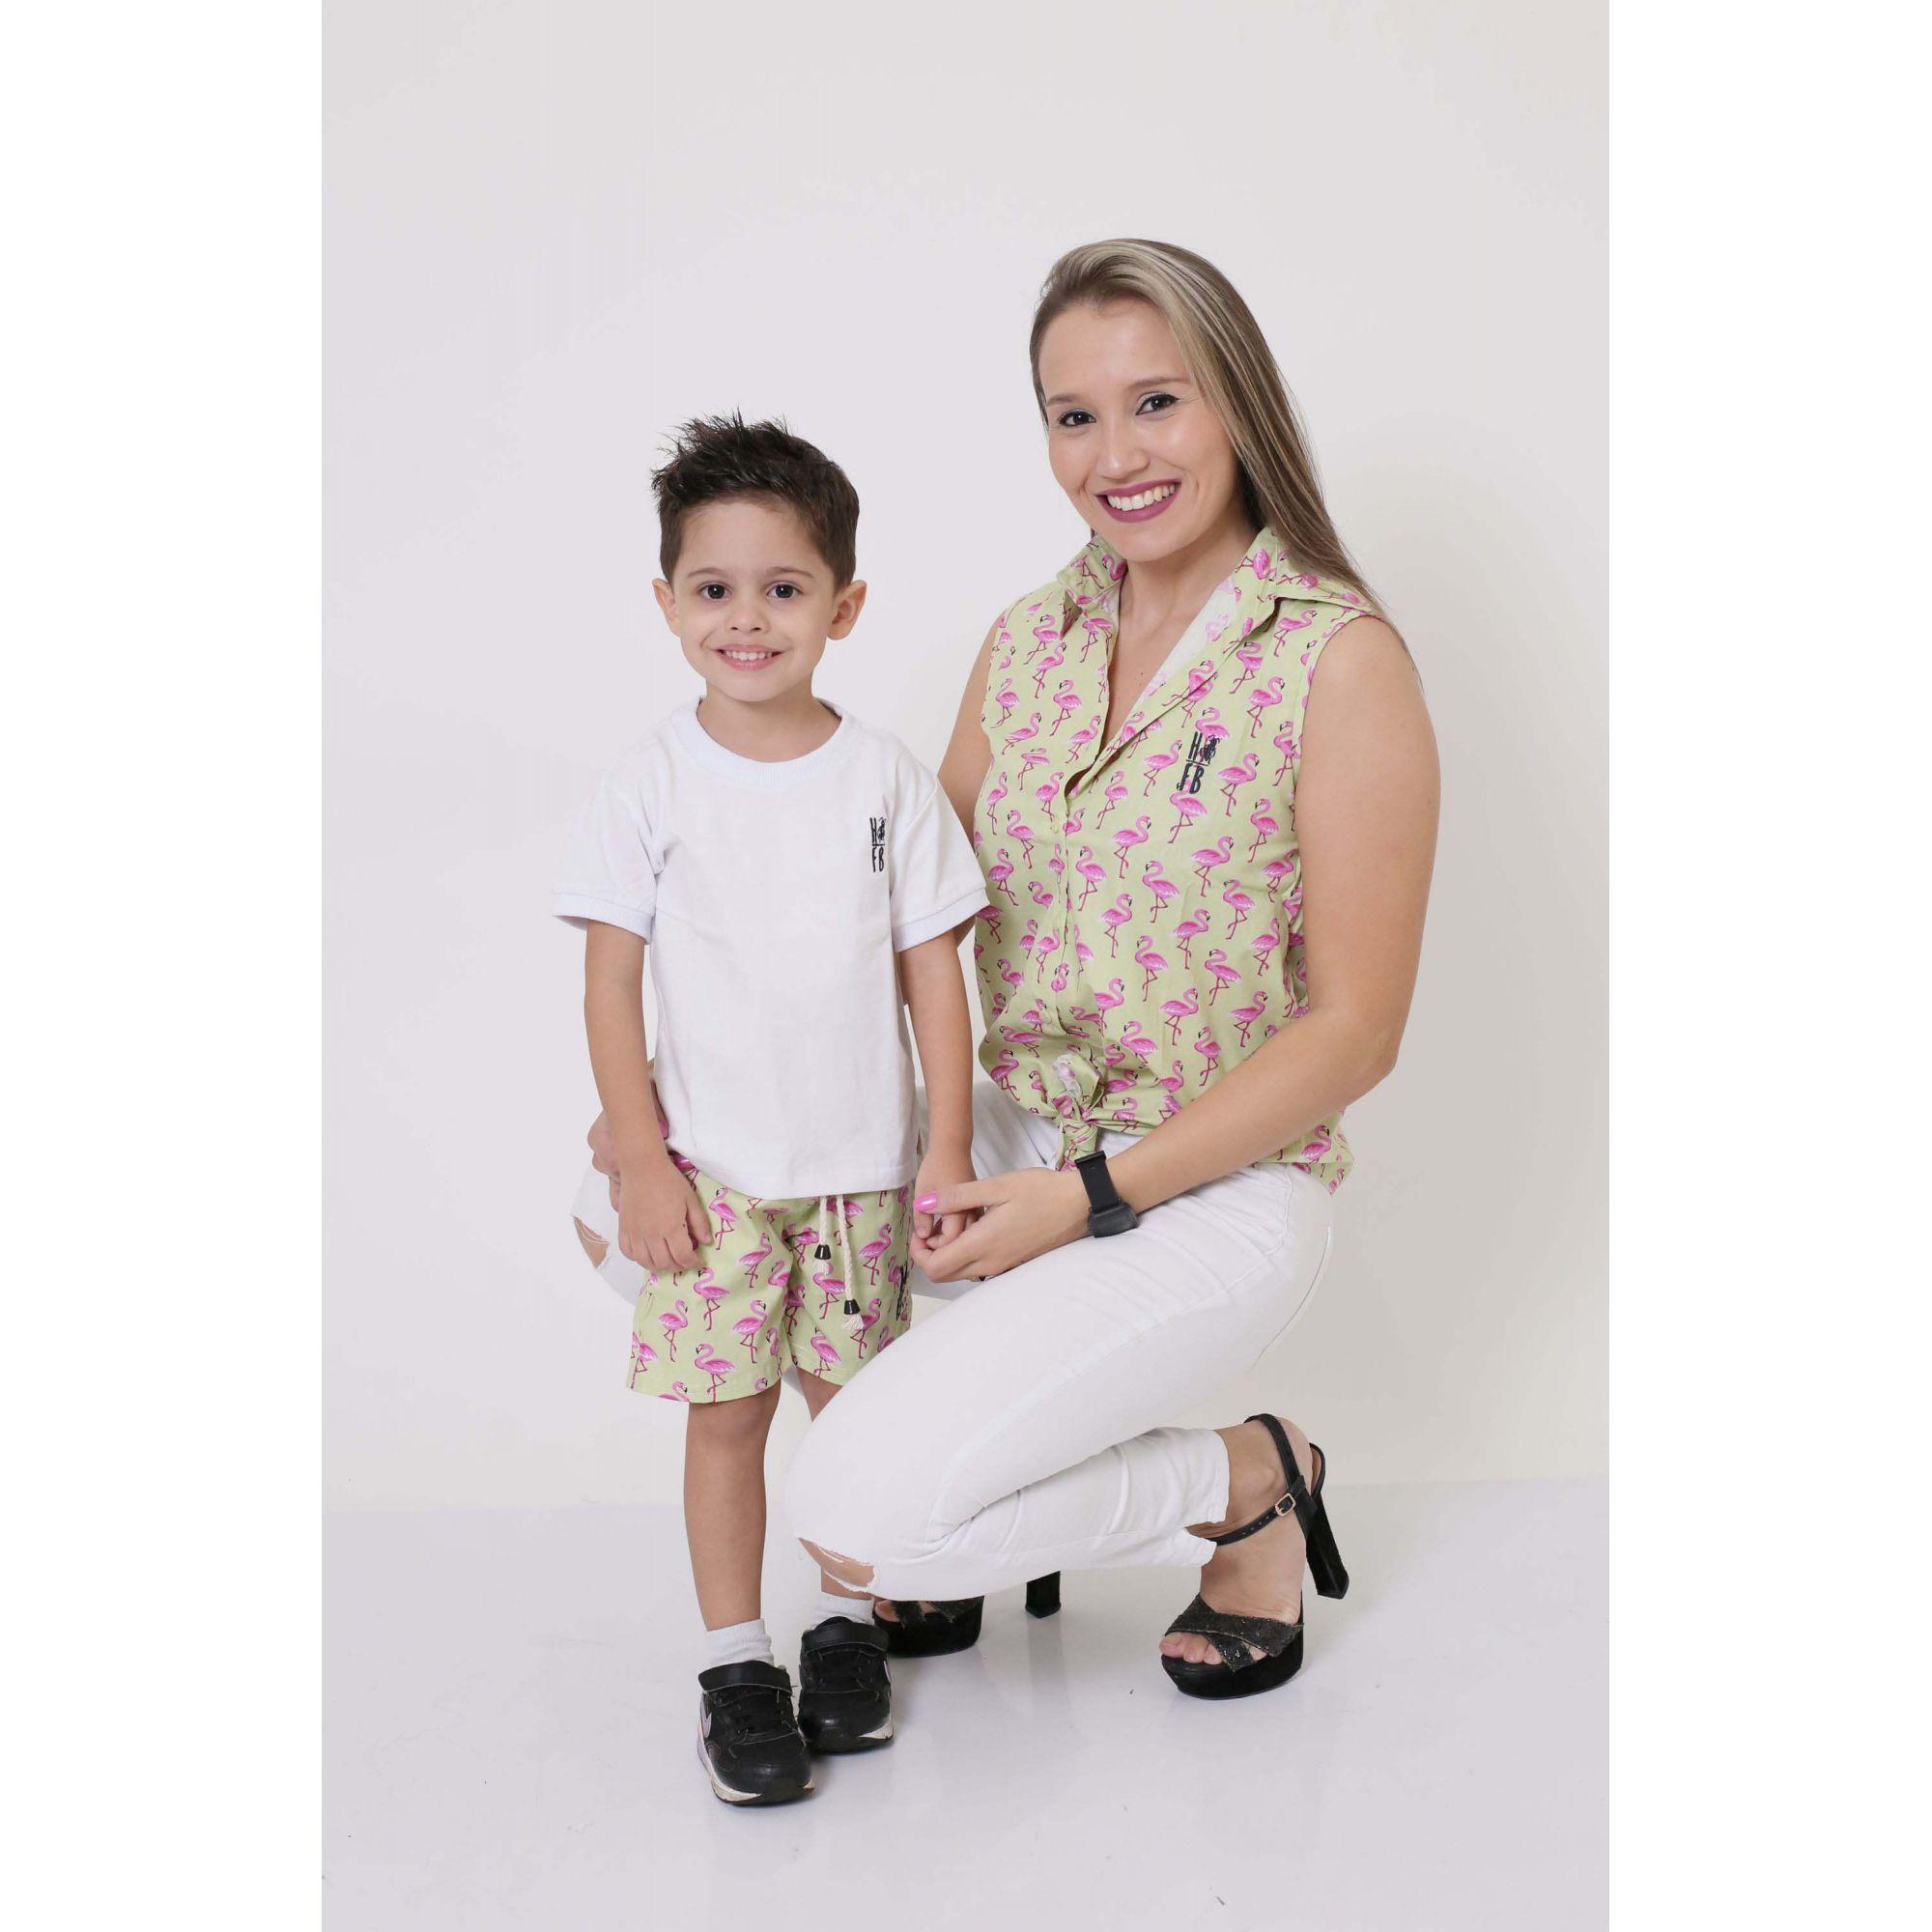 MÃE E FILHO > Camisa Feminina + Bermuda Infantil Flamingos [Coleção Tal Mãe Tal Filho]  - Heitor Fashion Brazil